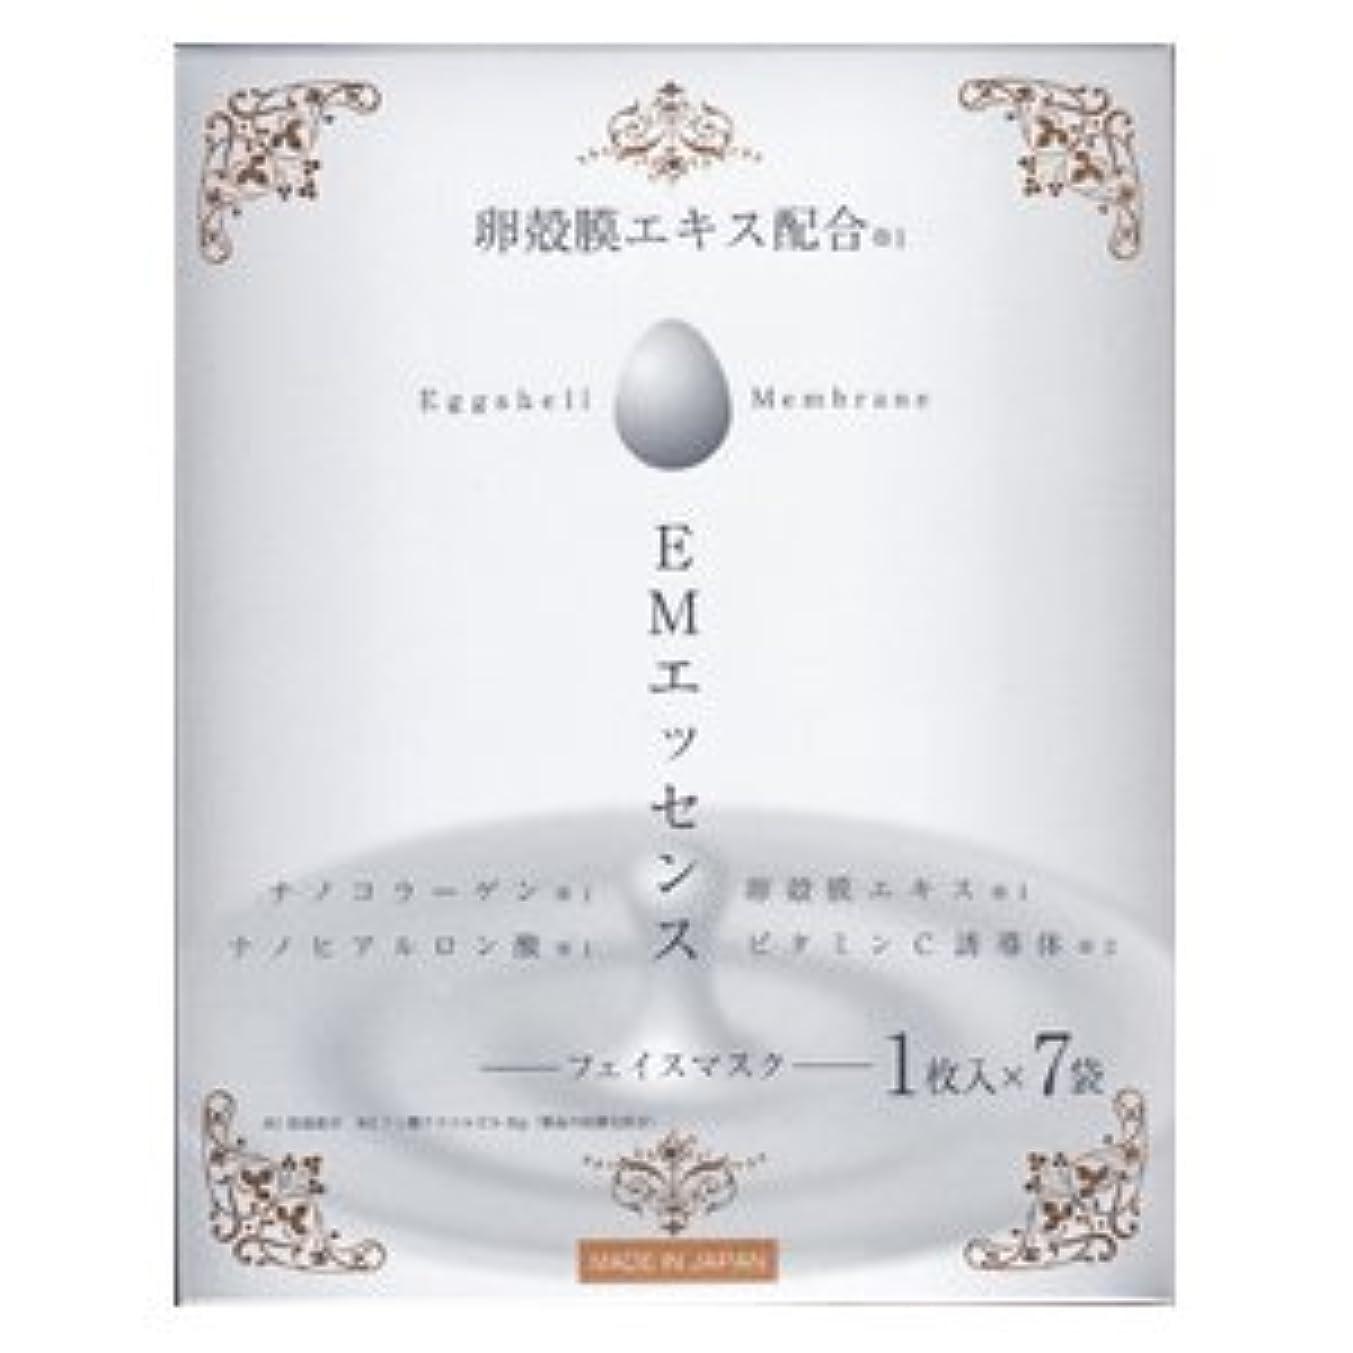 カバーくそー乞食卵殻膜エキス配合 EMエッセンス フェイスマスク 1枚入×7袋